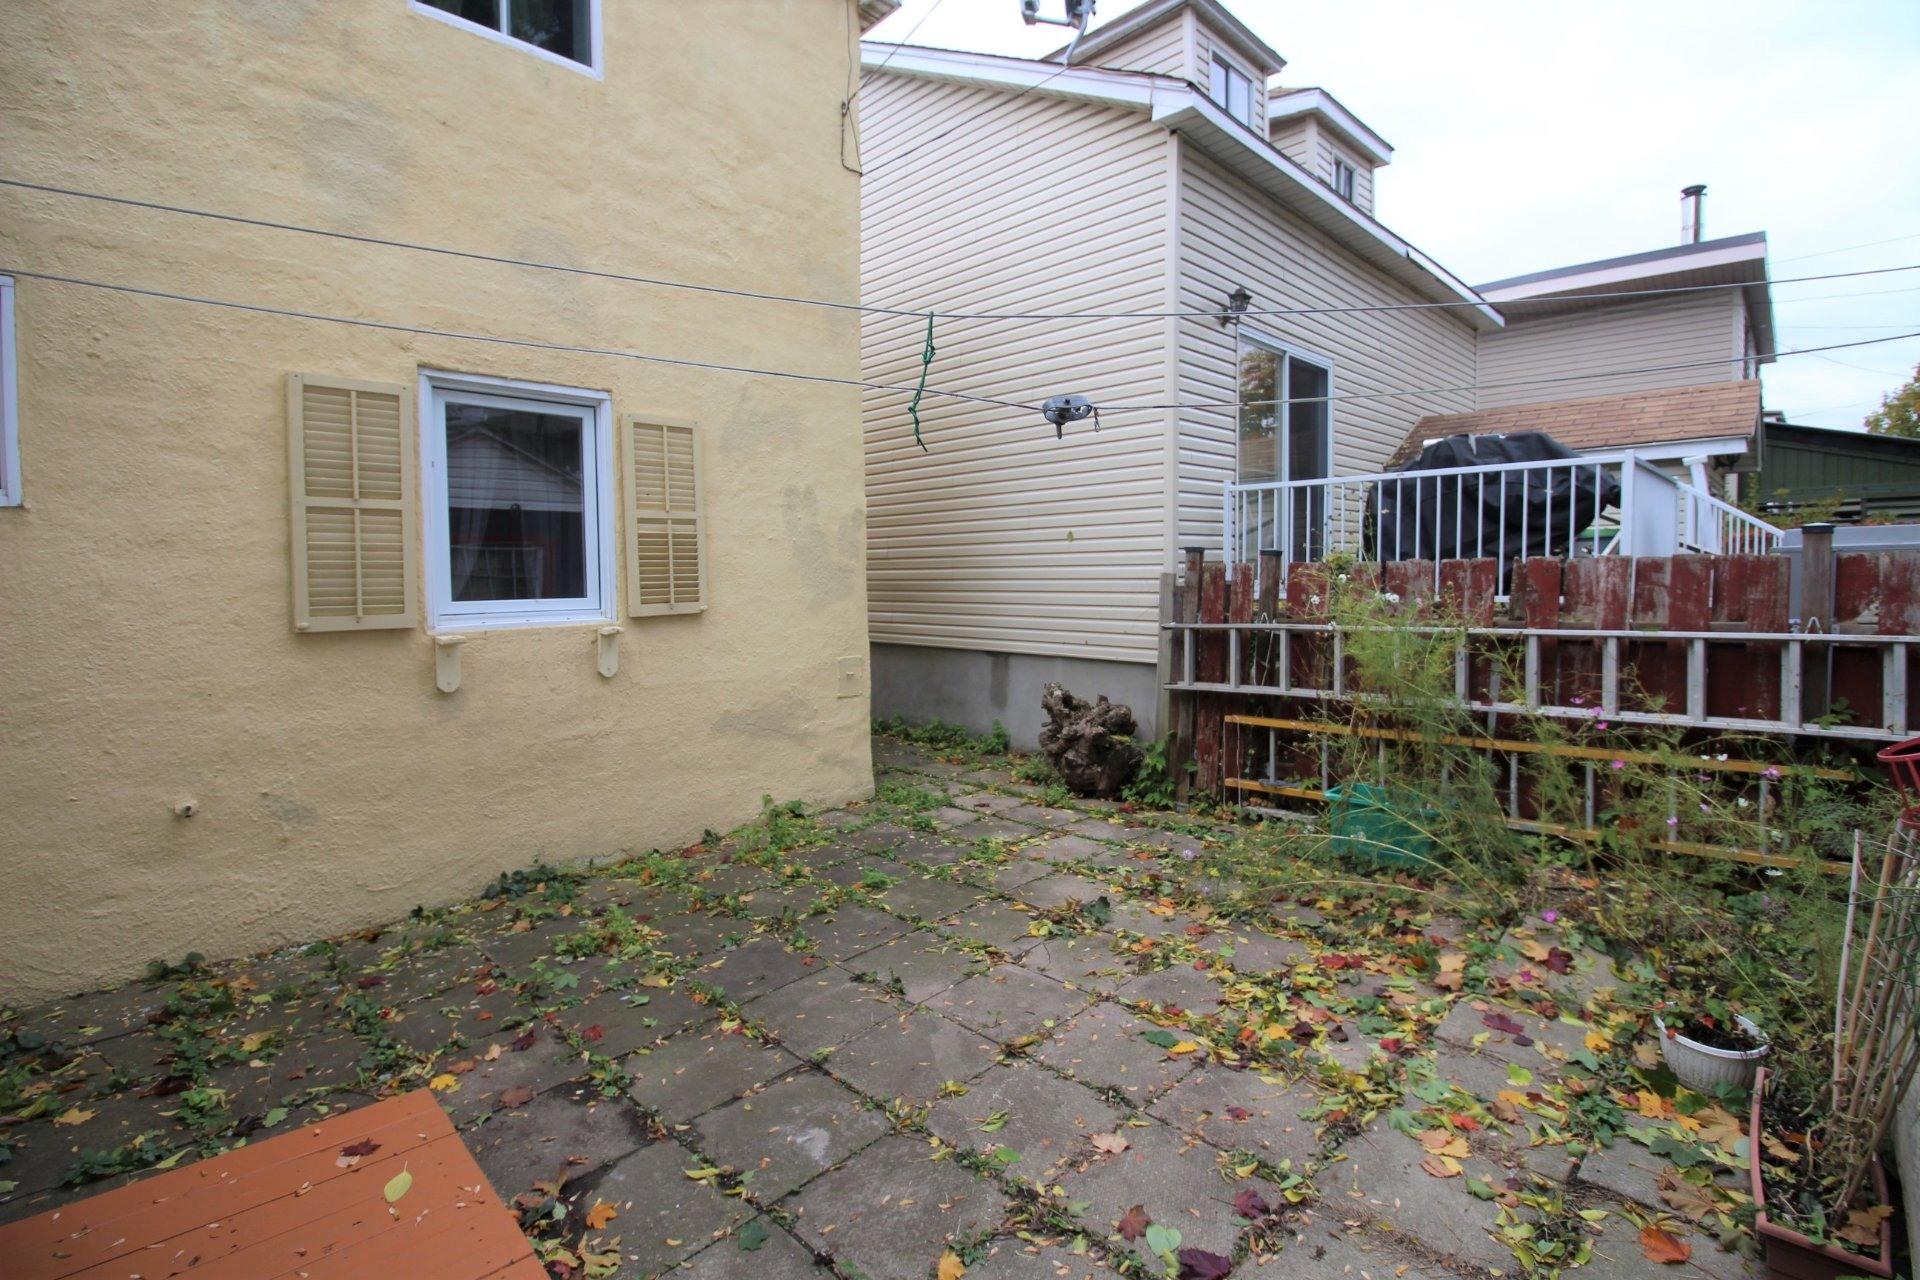 image 25 - Duplex À vendre Montréal Anjou  - 4 pièces